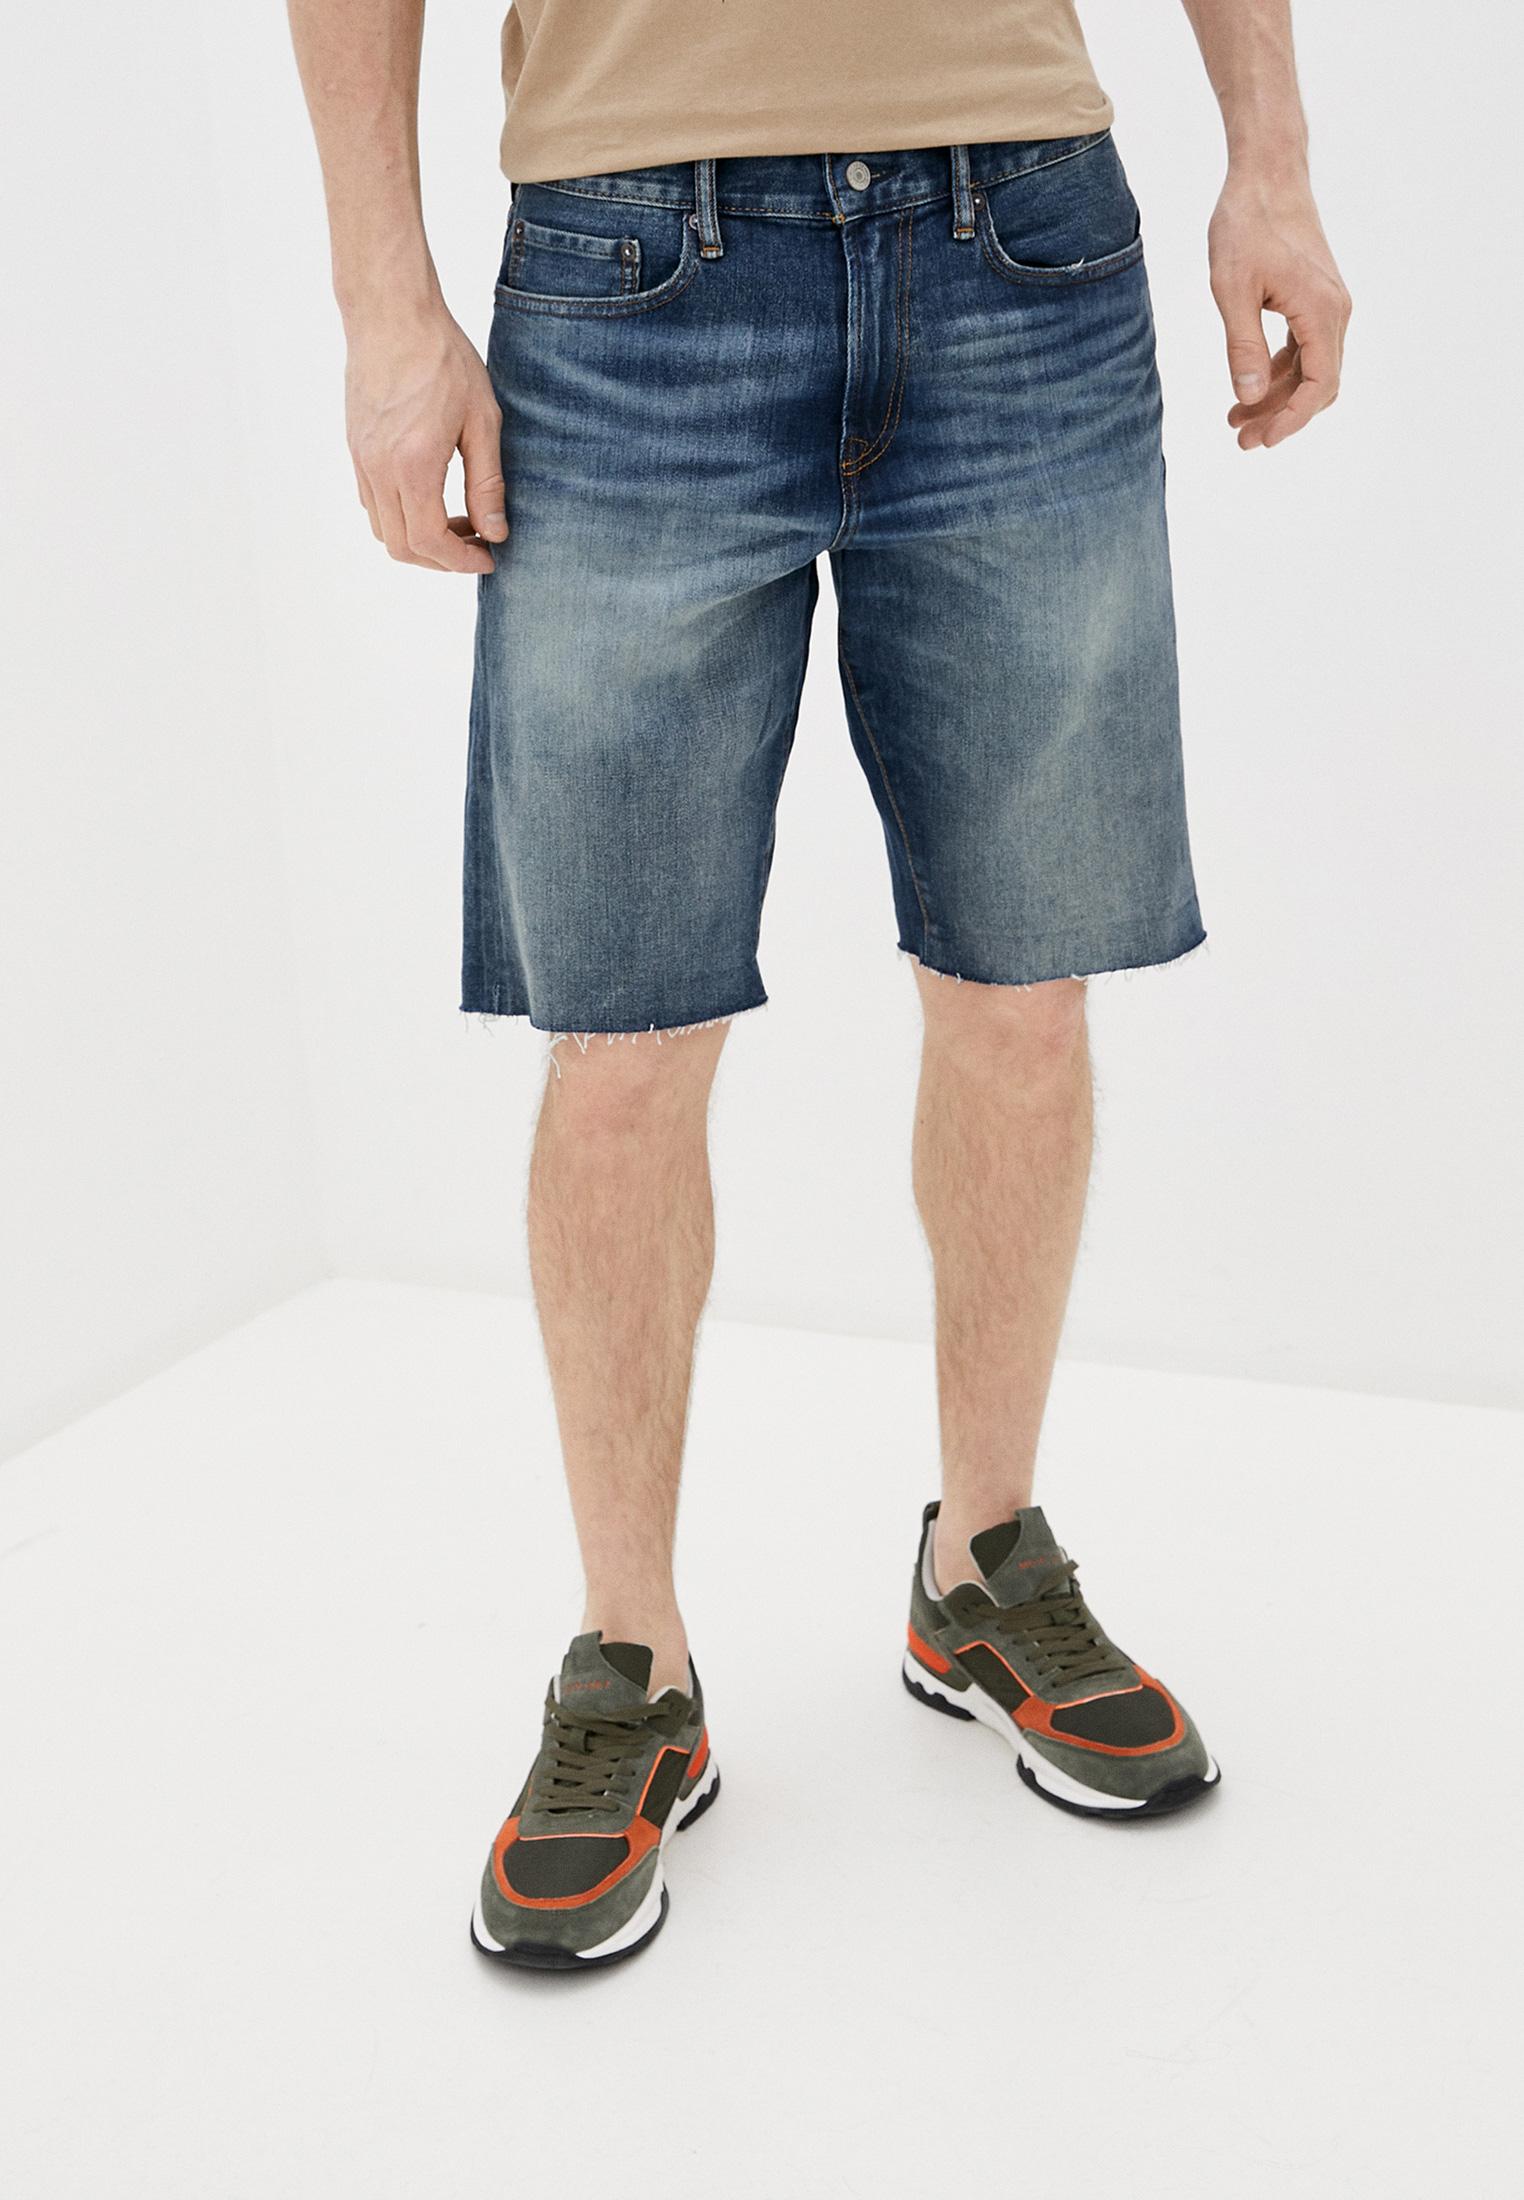 Мужские джинсовые шорты Gap 536727